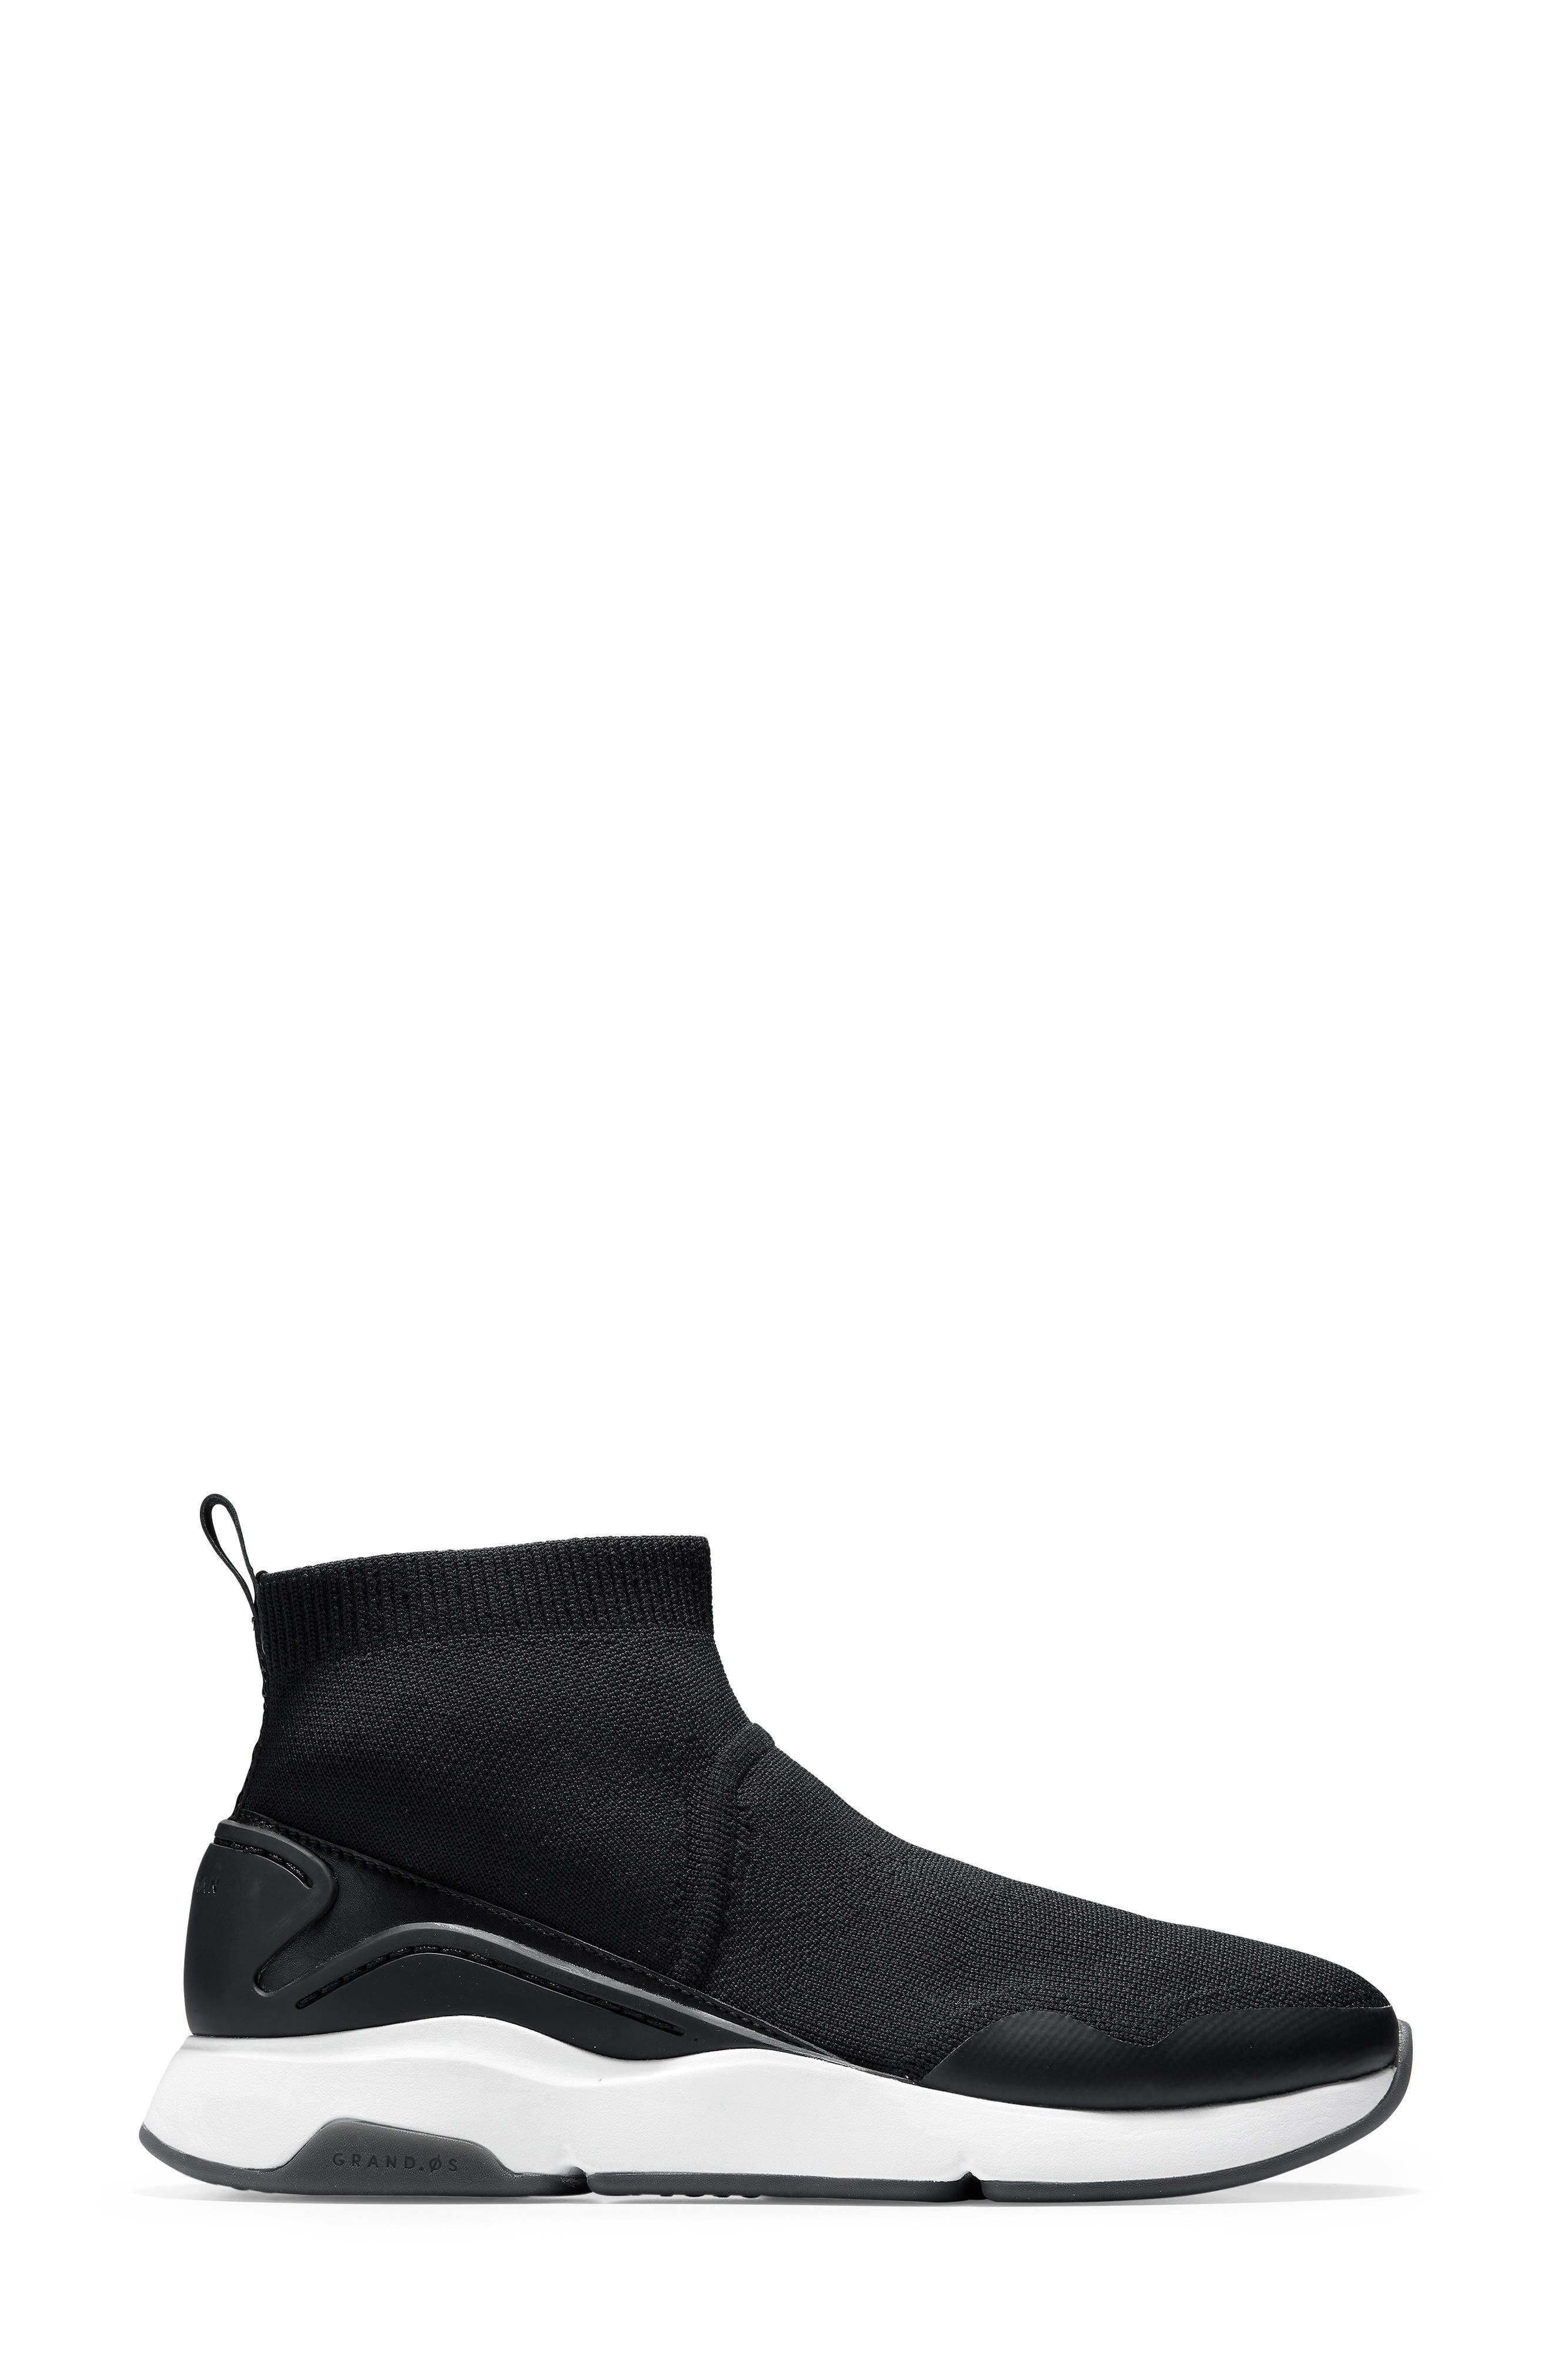 ZeroGrand Motion Slip-On Sneaker,                             Alternate thumbnail 3, color,                             BLACK LEATHER